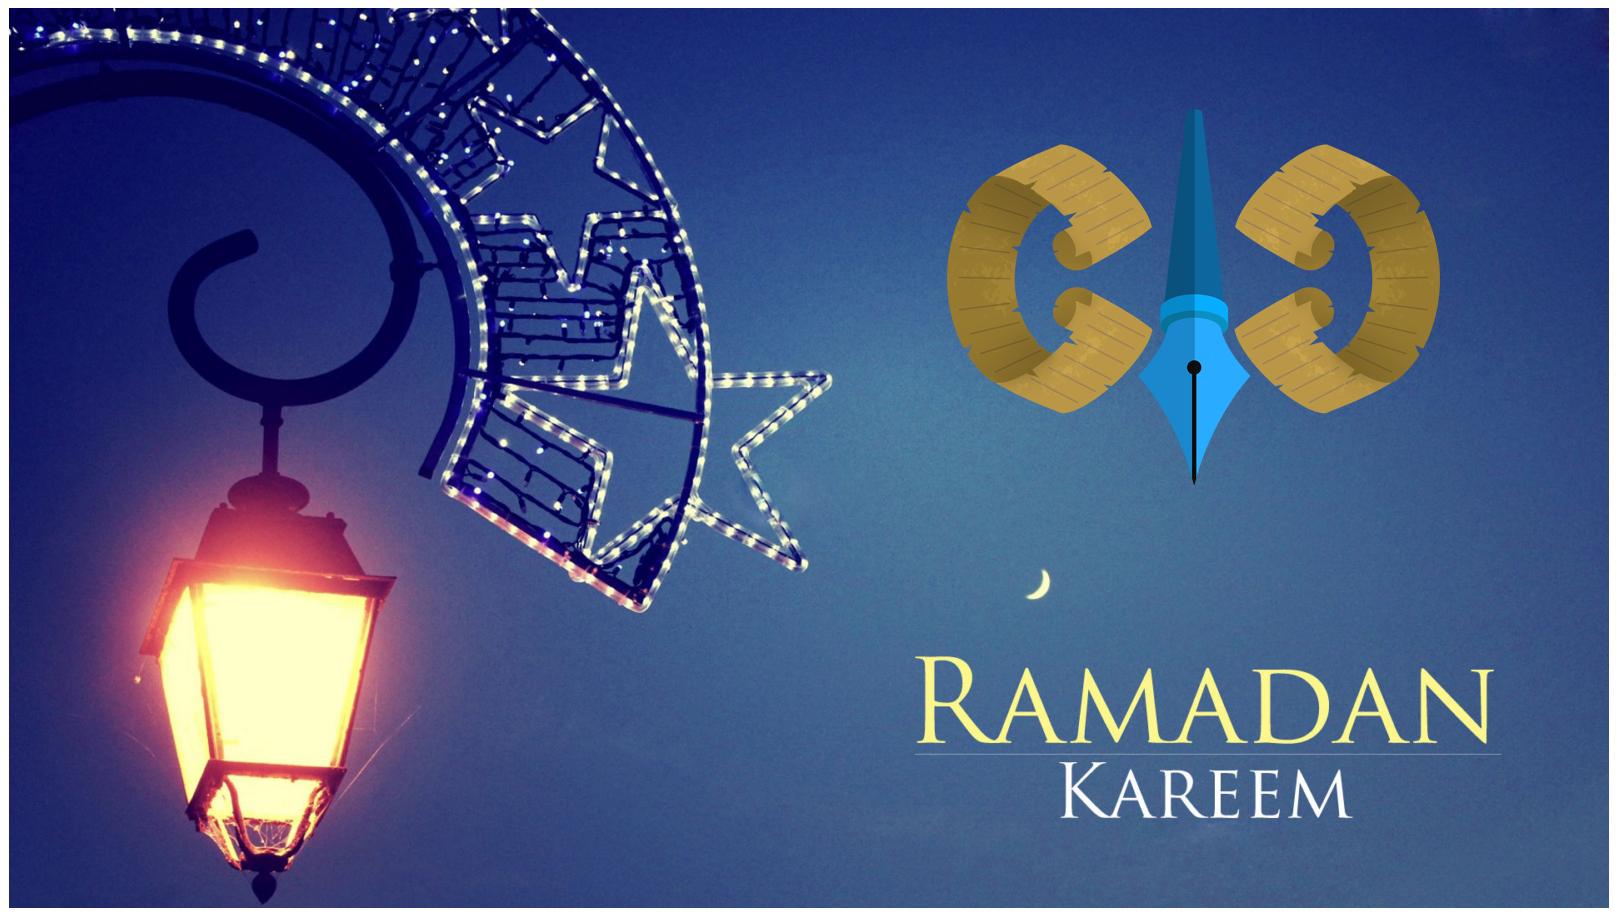 cc-2018-media-ramadan2018